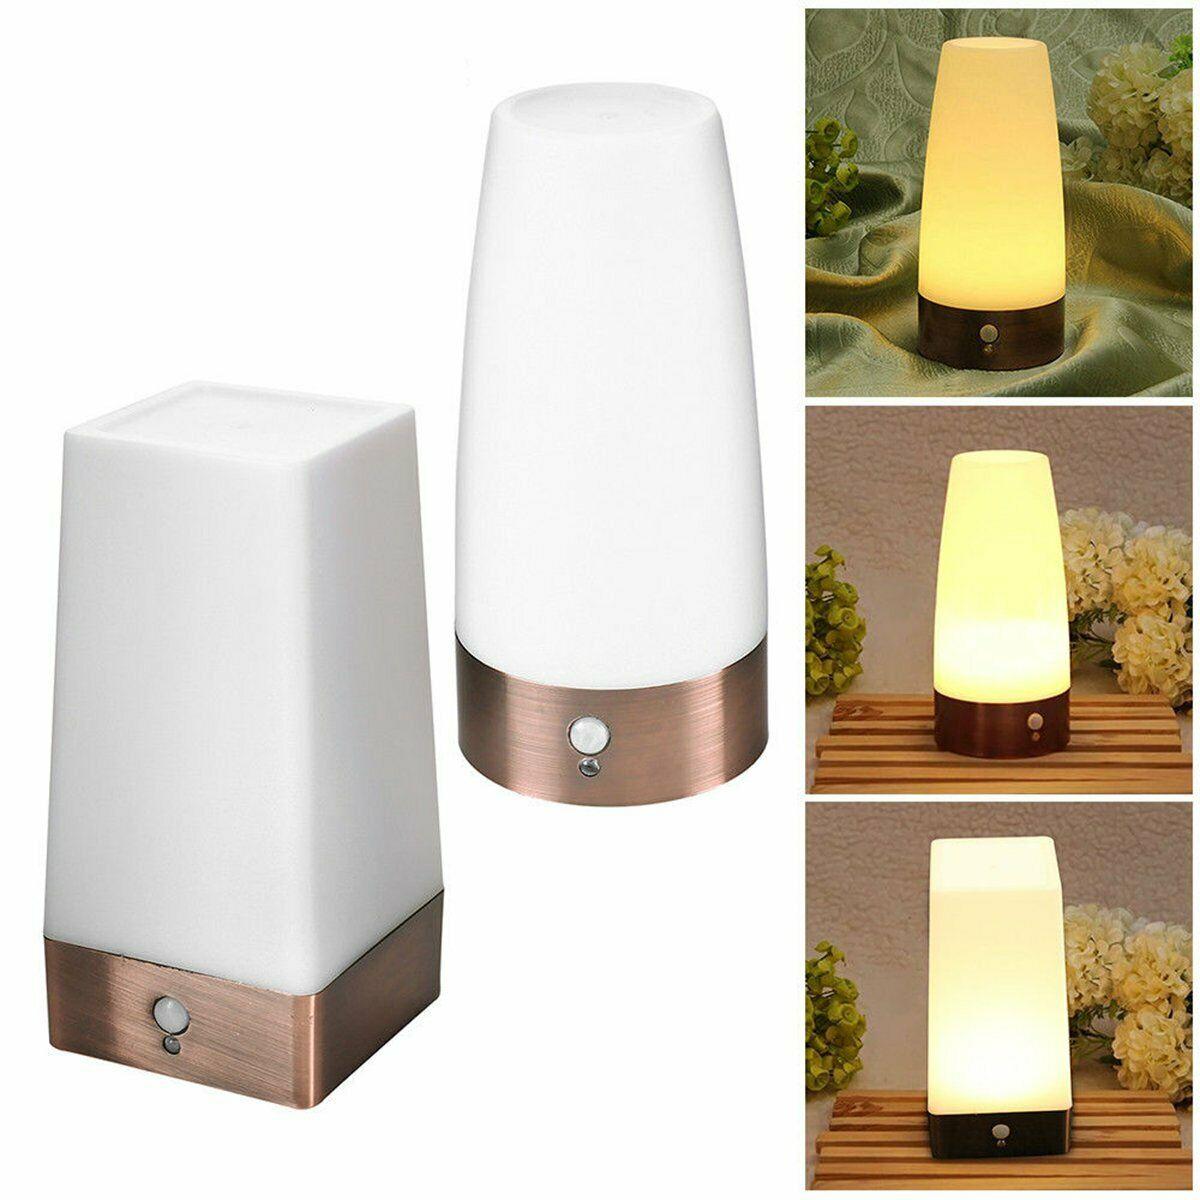 Wireless PIR Sensor Living Room Table Light LED Night